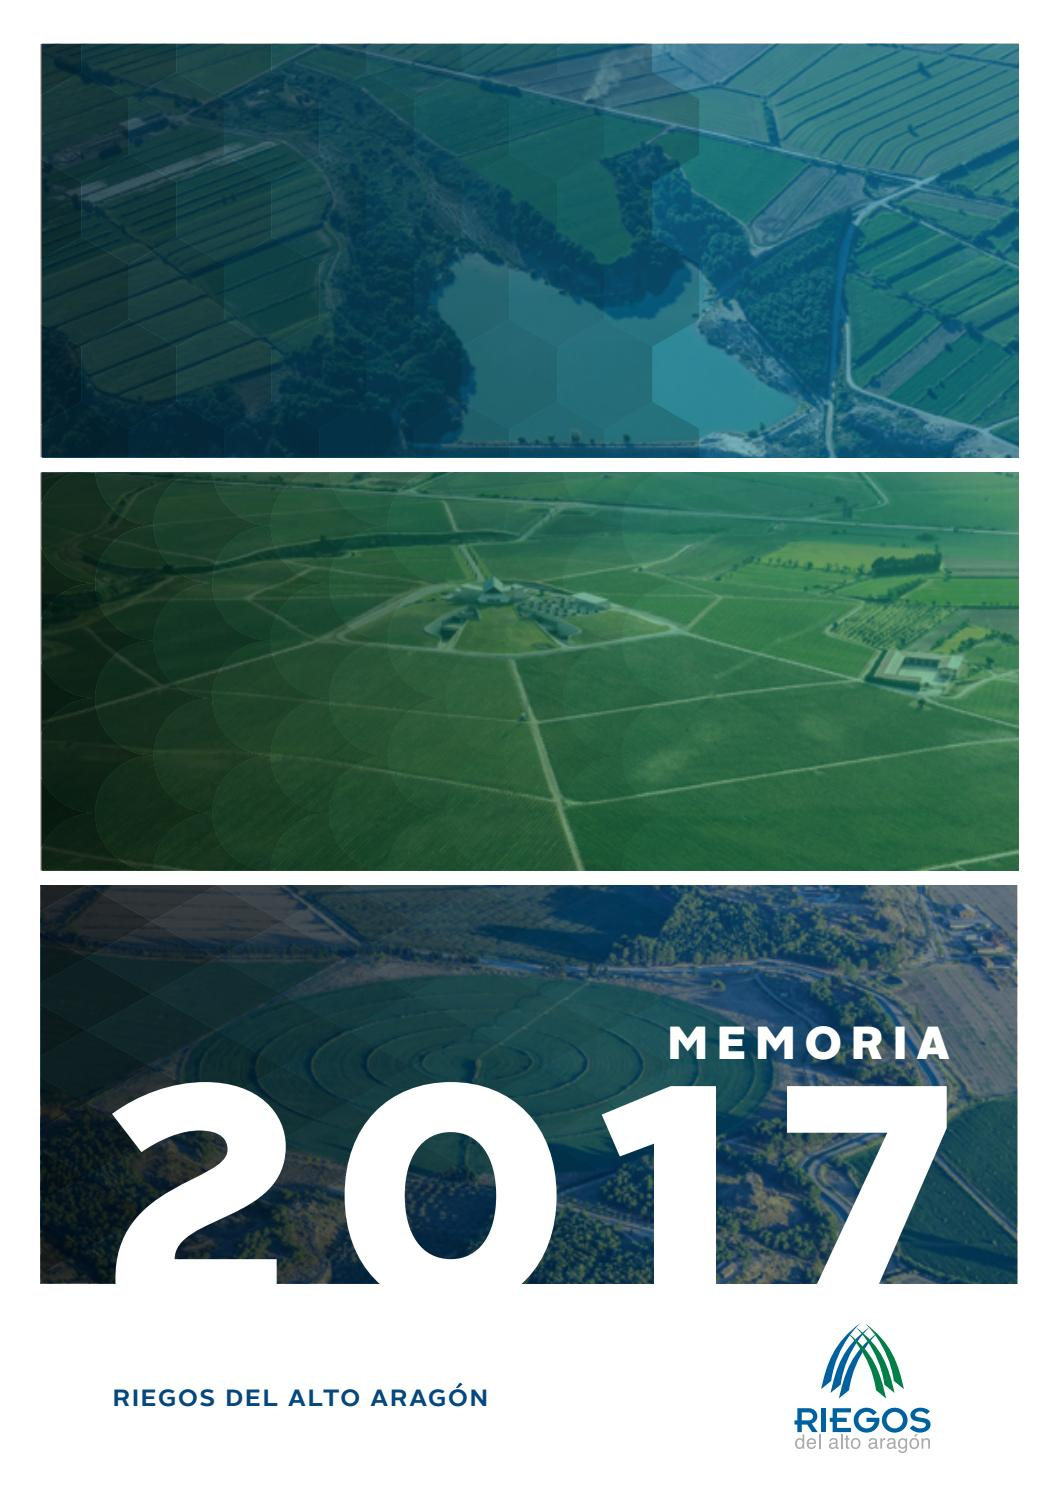 Memoria 2017 Riegos Del Alto Aragón By Riegos Alto Aragón